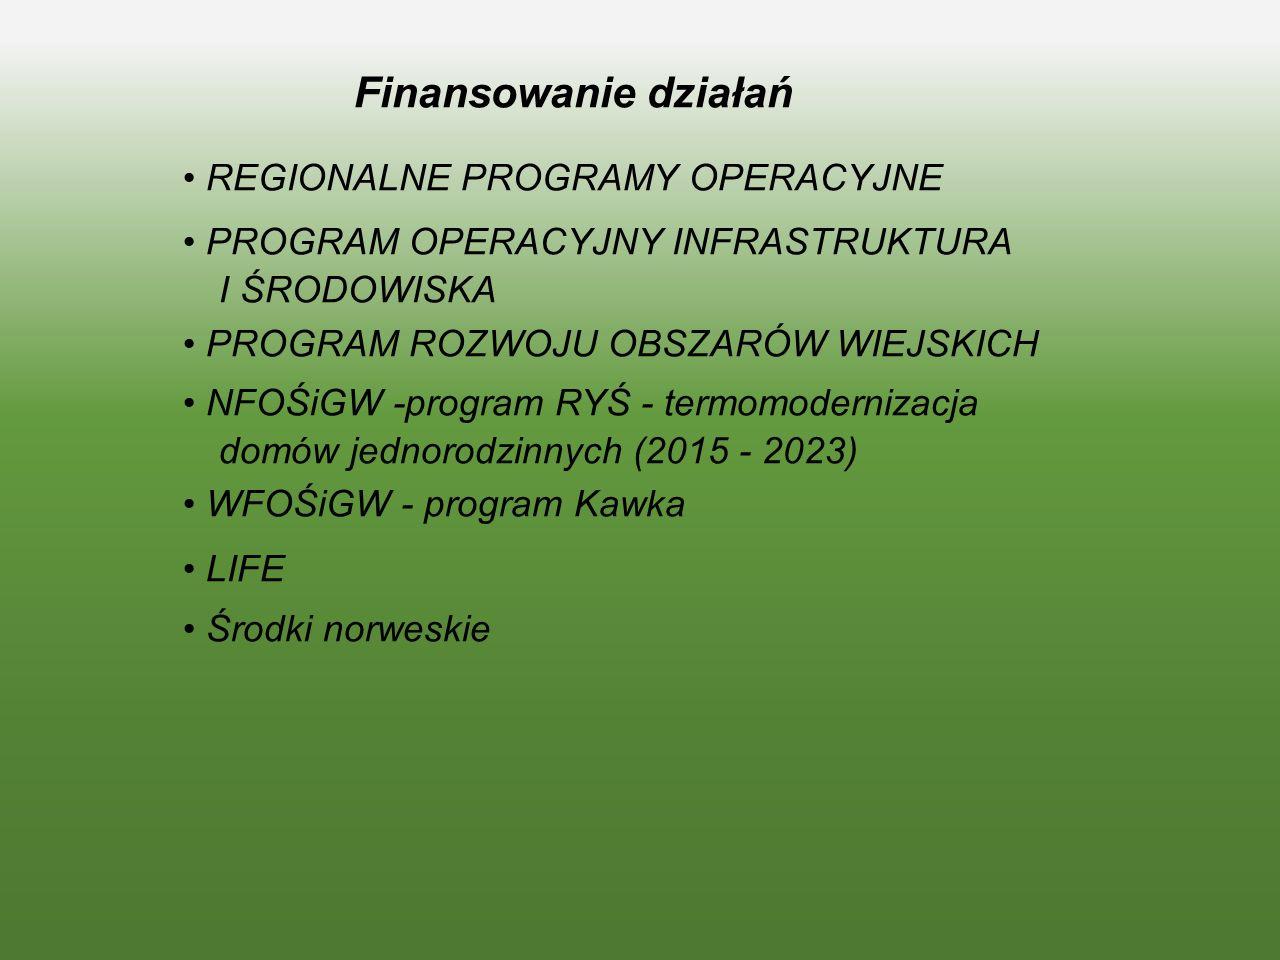 Finansowanie działań REGIONALNE PROGRAMY OPERACYJNE PROGRAM OPERACYJNY INFRASTRUKTURA I ŚRODOWISKA PROGRAM ROZWOJU OBSZARÓW WIEJSKICH NFOŚiGW -program RYŚ - termomodernizacja domów jednorodzinnych (2015 - 2023) WFOŚiGW - program Kawka LIFE Środki norweskie